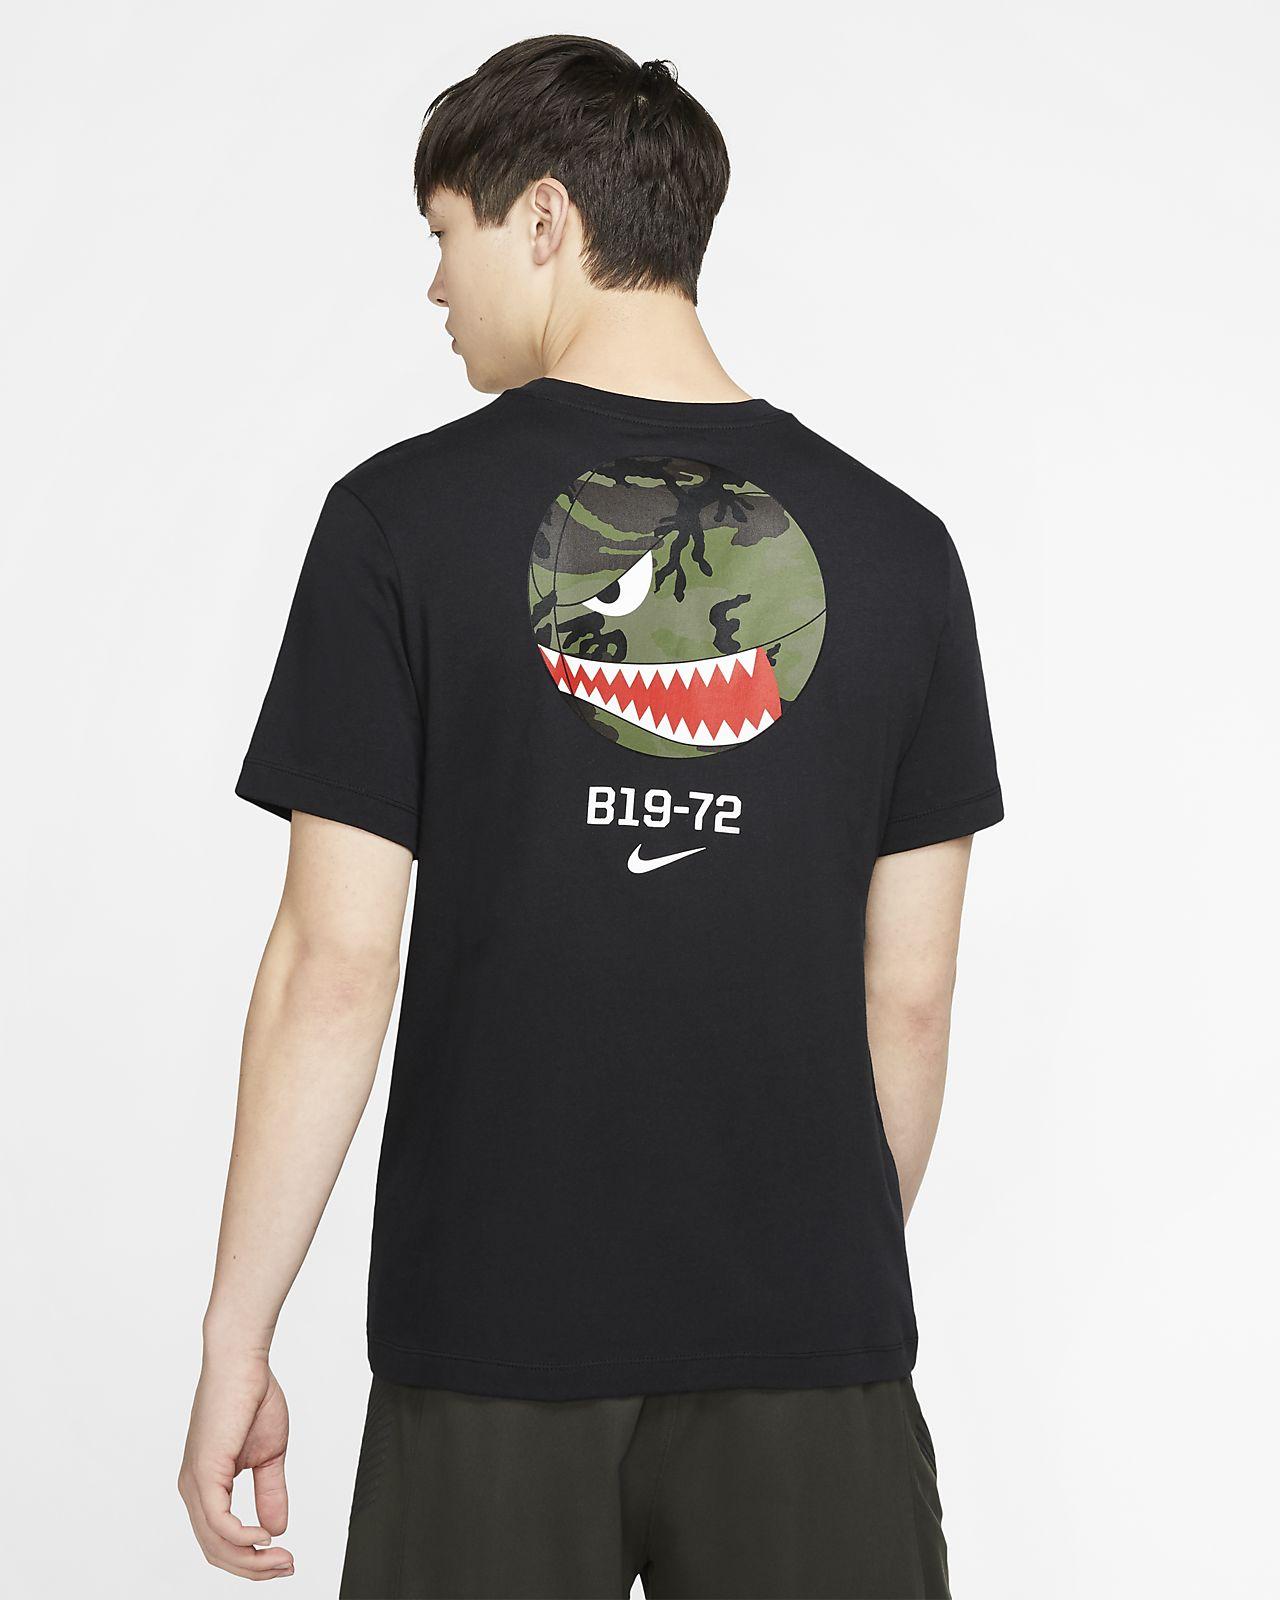 Pour Basketball Poche Nike De Homme Shirt À Dna Tee Rj4L3A5